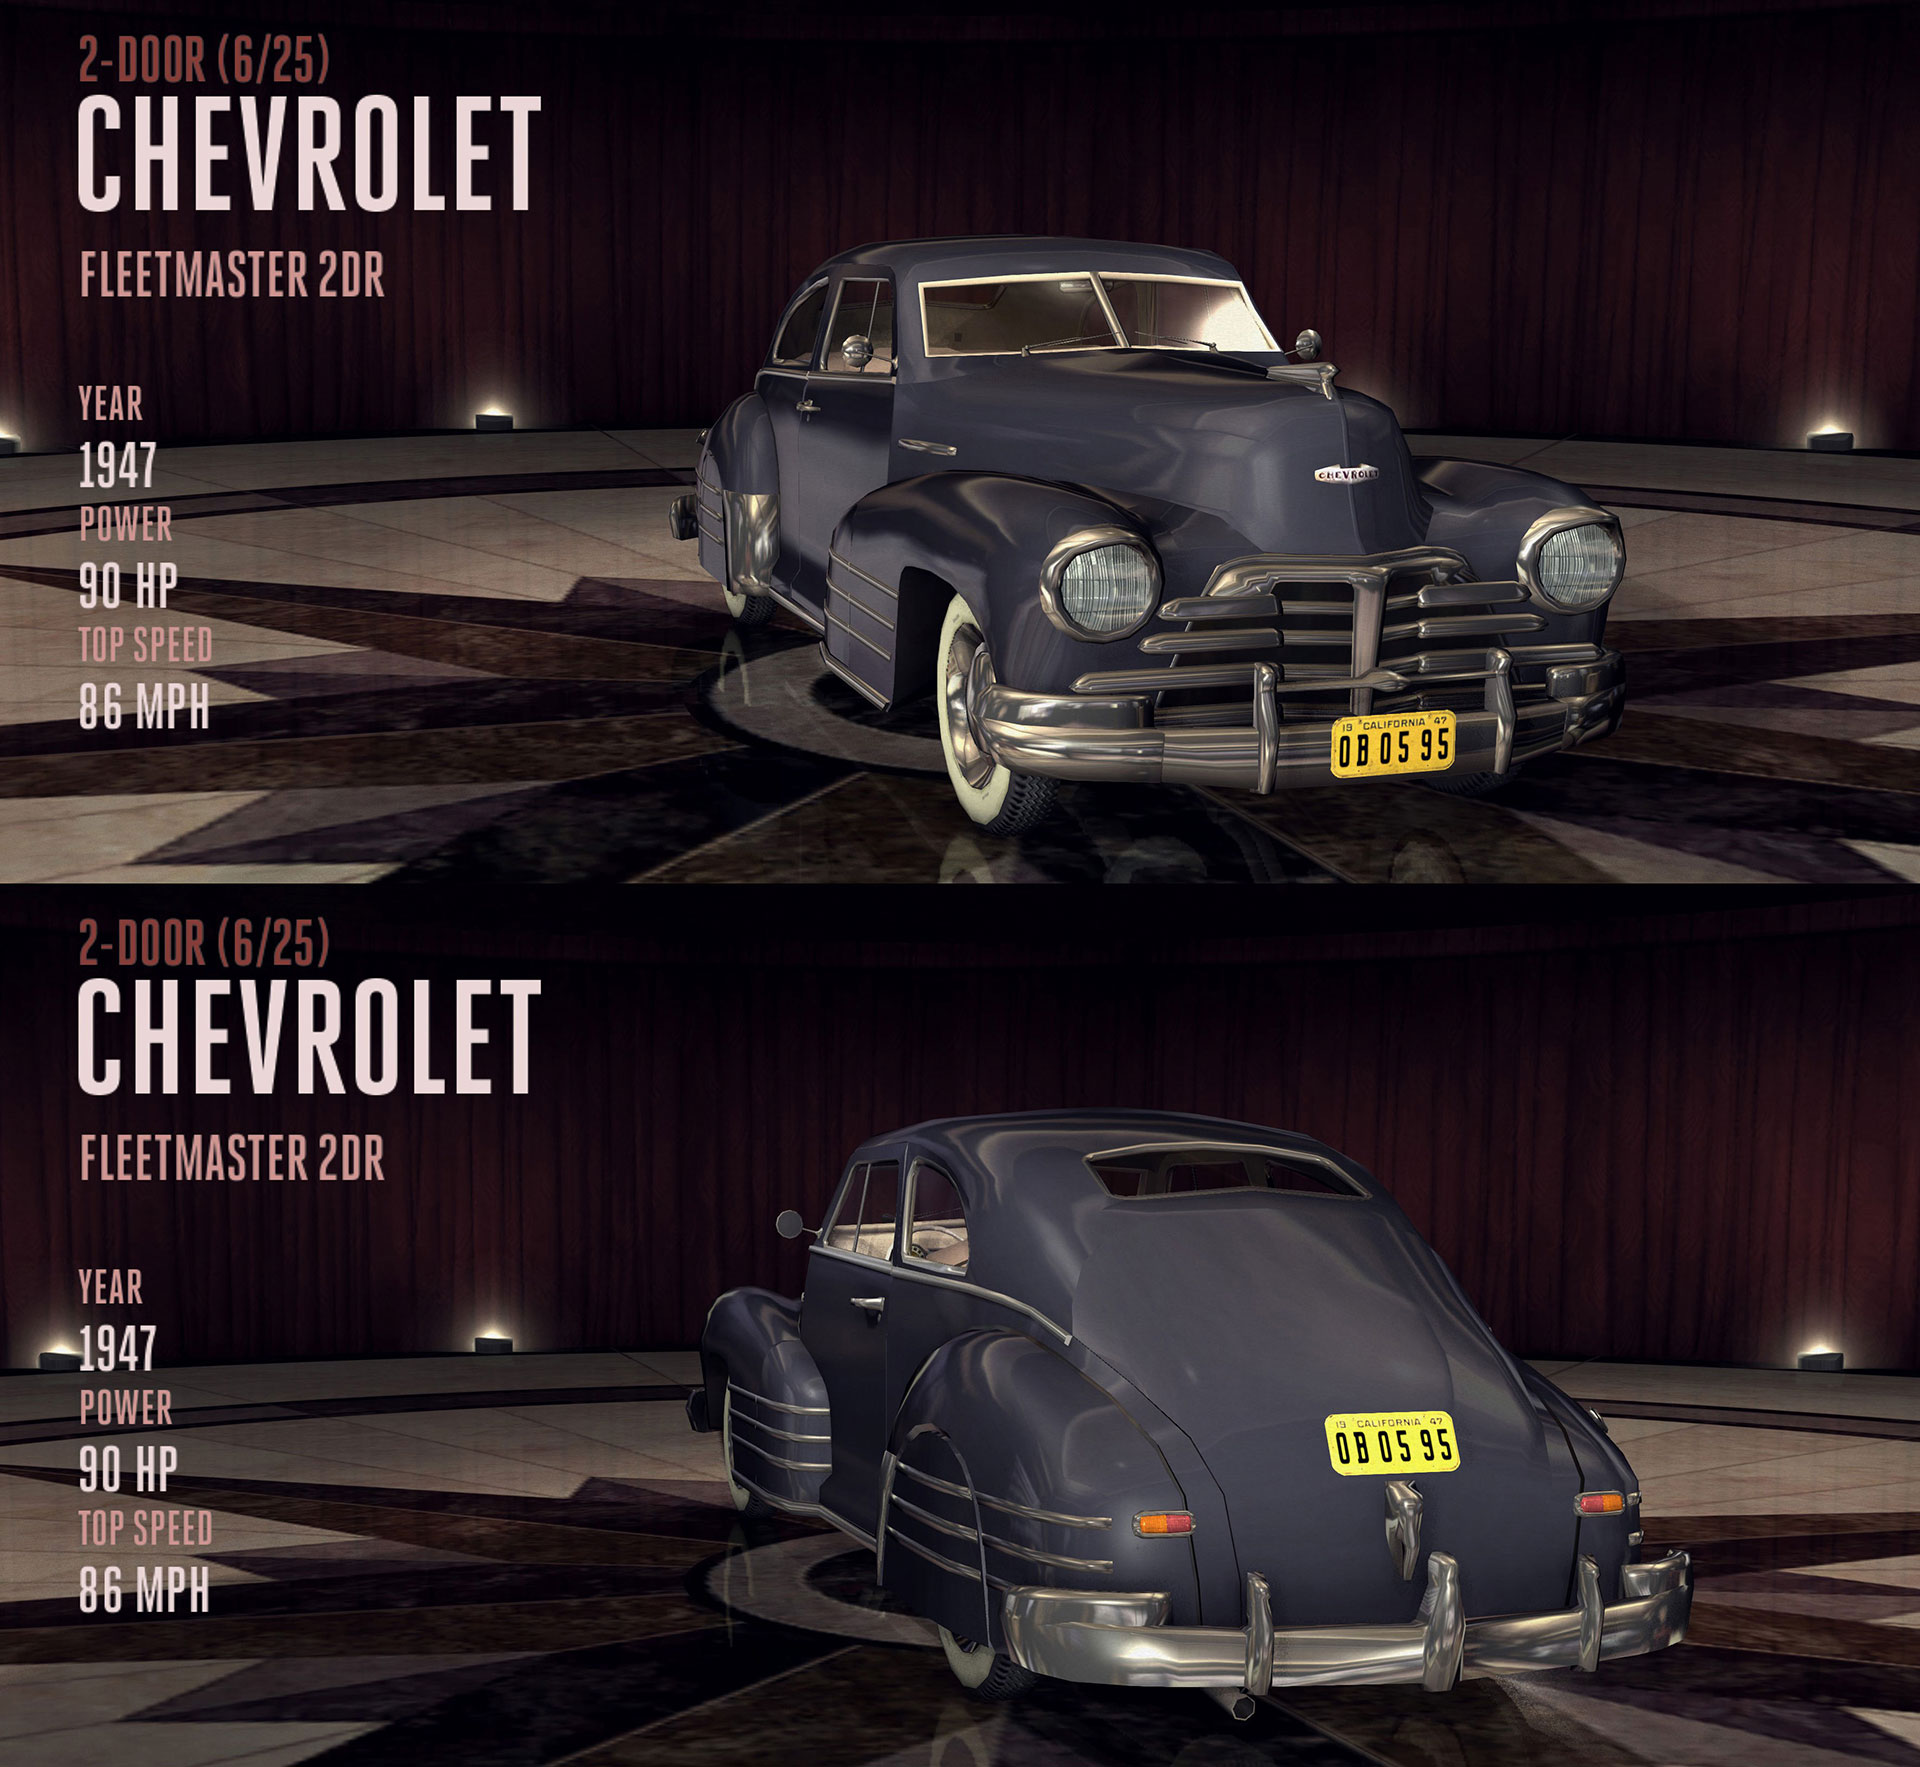 Archivo:1947-chevrolet-fleetmaster-2dr2.jpg